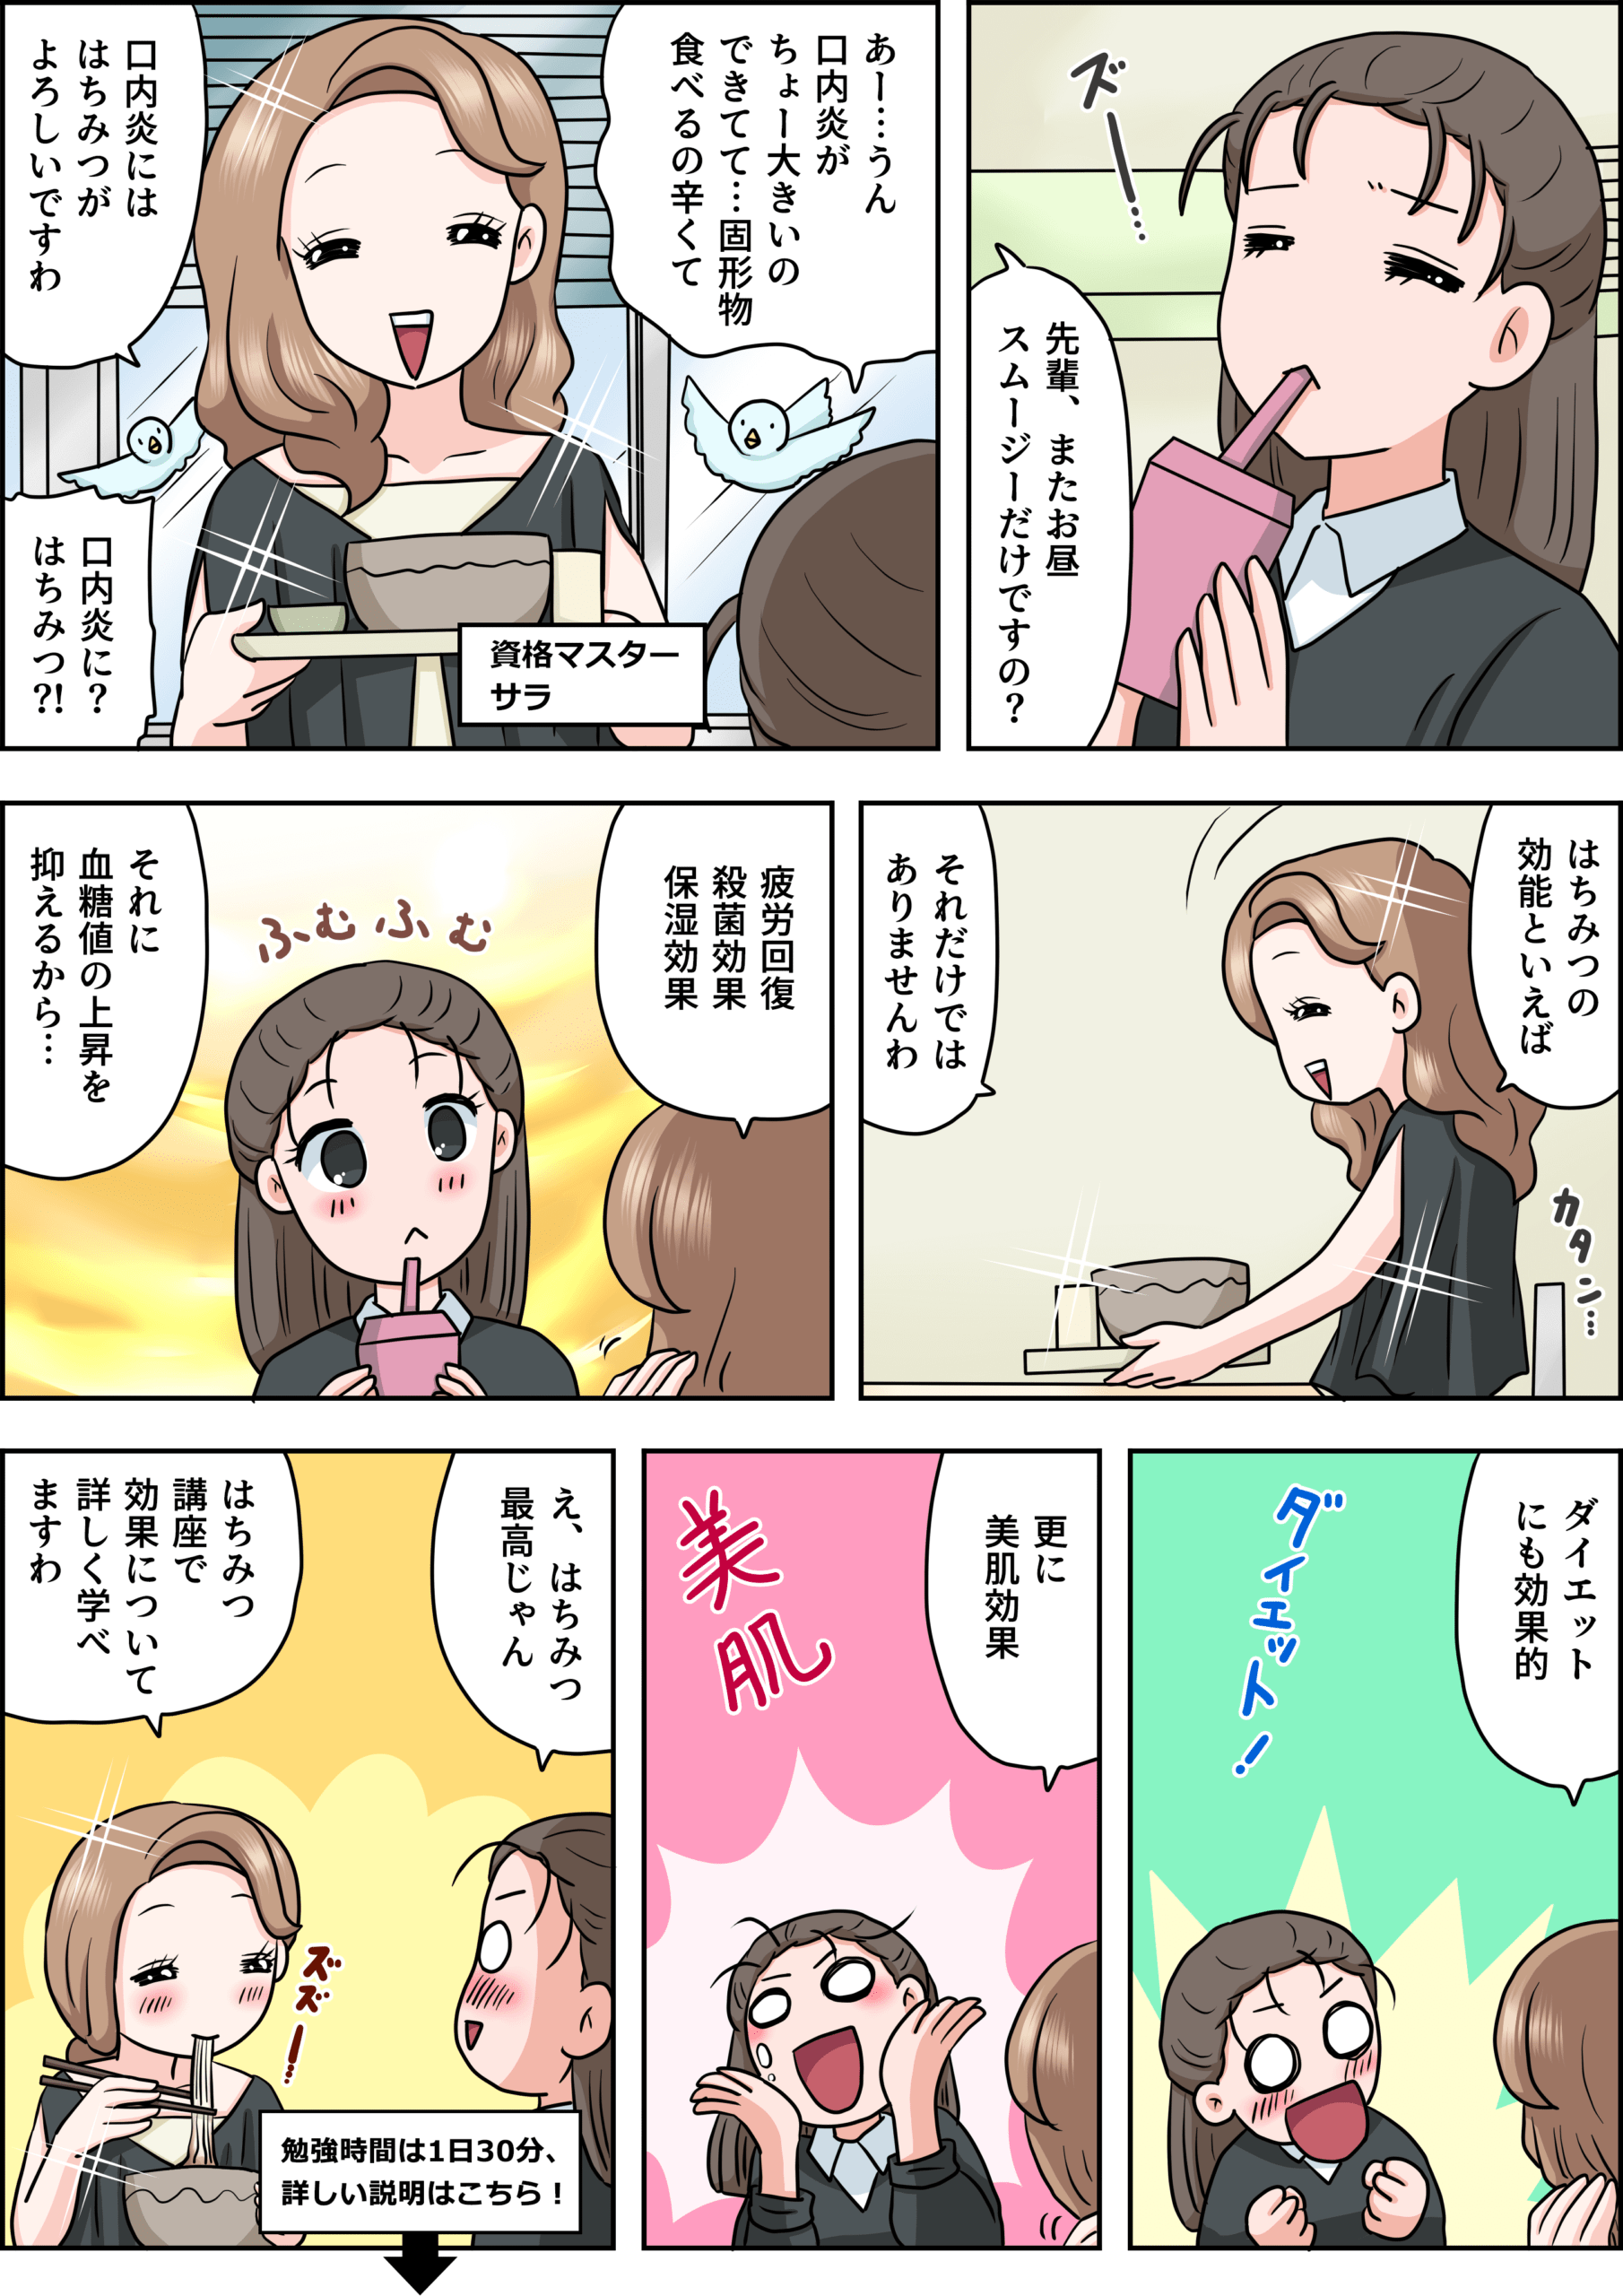 はちみつの漫画